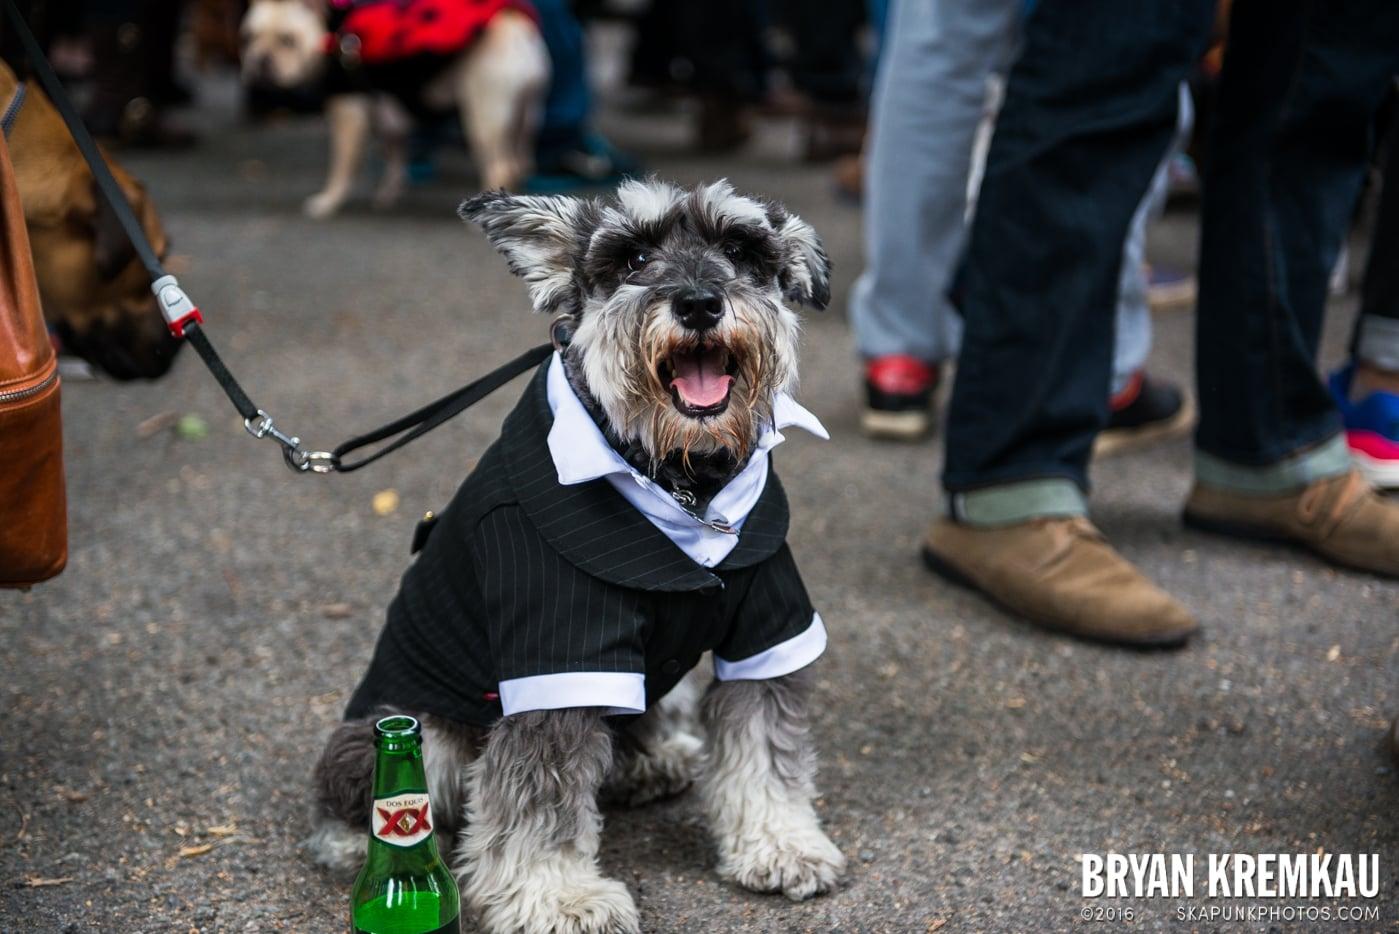 Tompkins Square Halloween Dog Parade 2015 @ Tompkins Square Park, NYC – 10.24.15 (22)